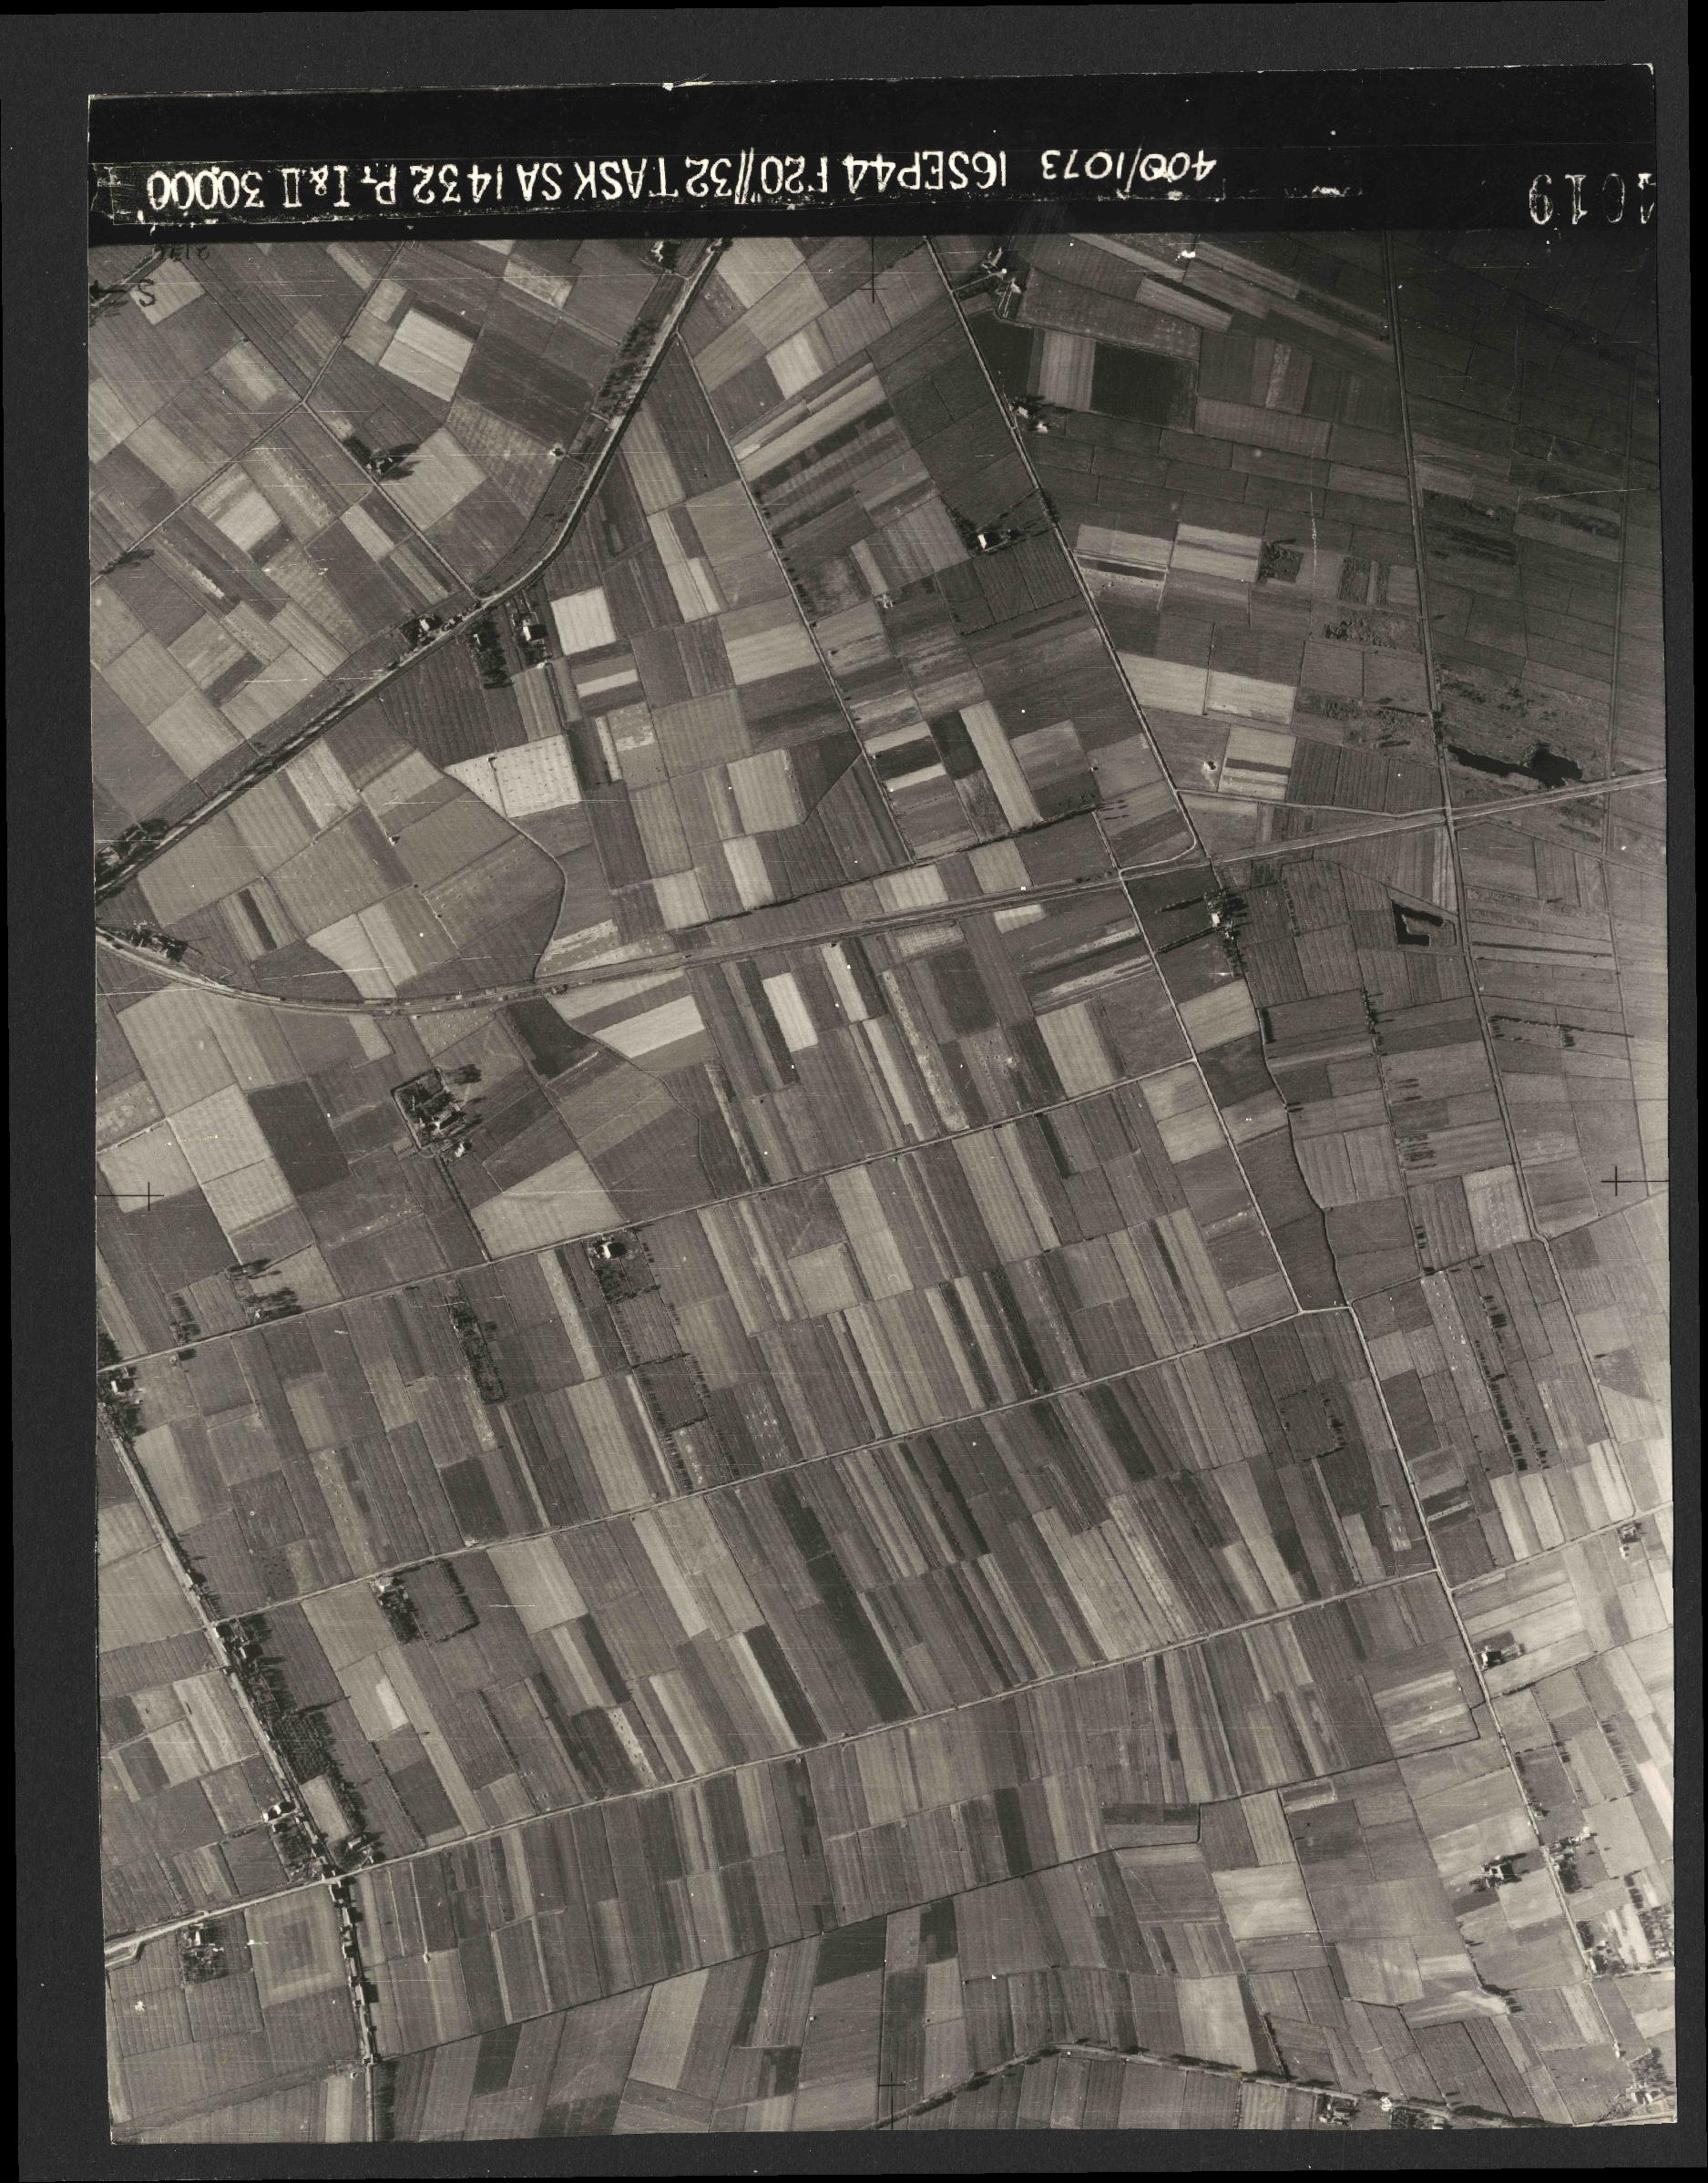 Collection RAF aerial photos 1940-1945 - flight 013, run 09, photo 4019